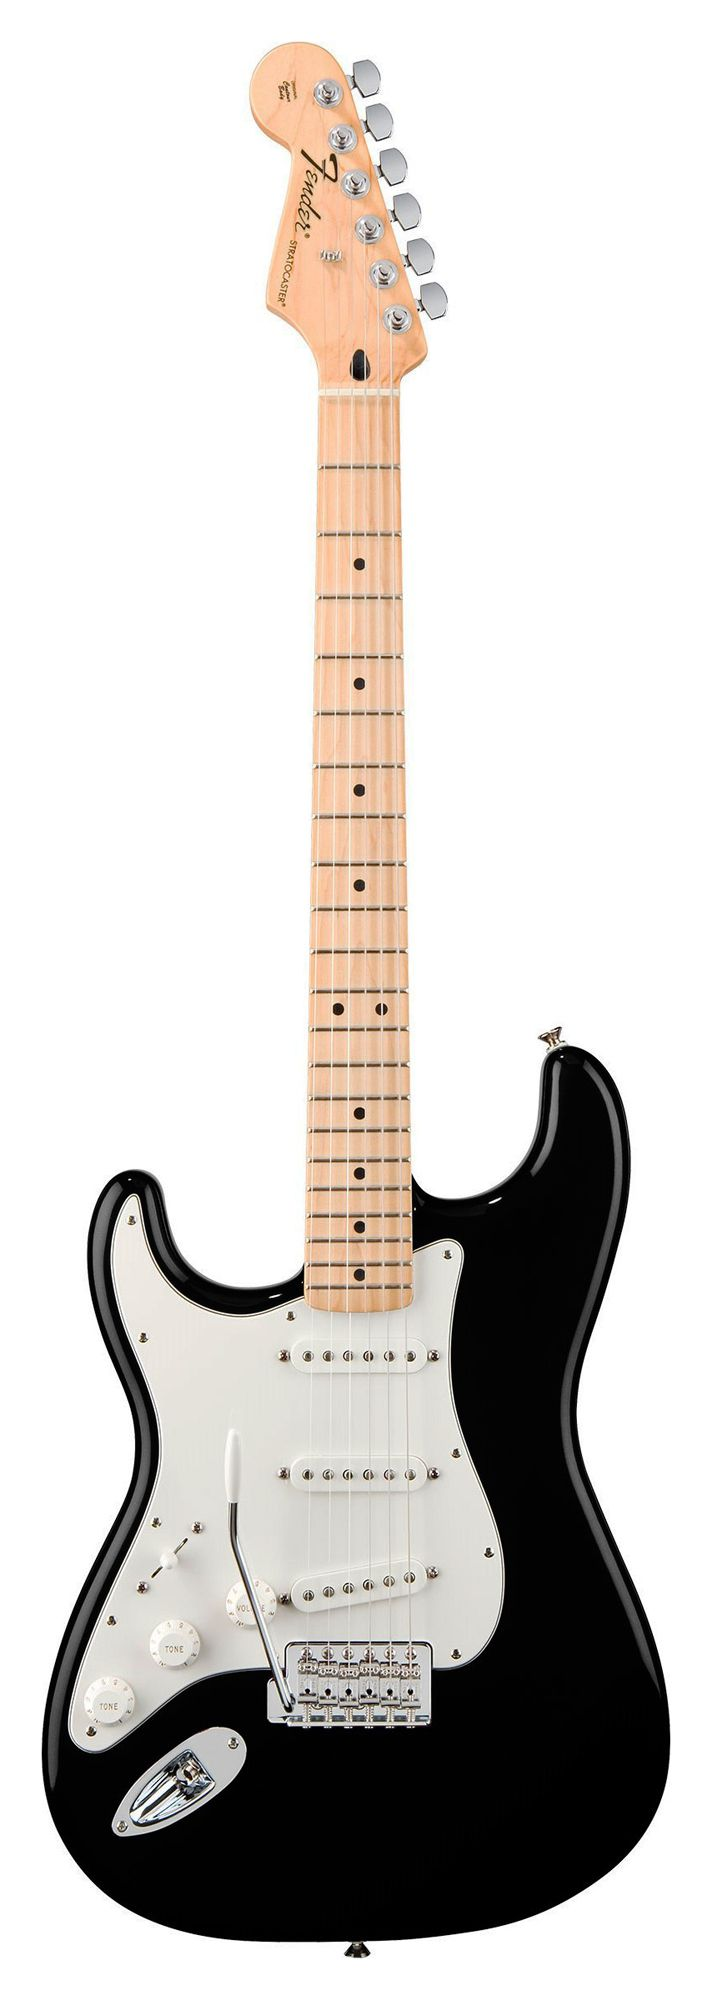 Fender Stratocaster Mex Left Hand Series - Black